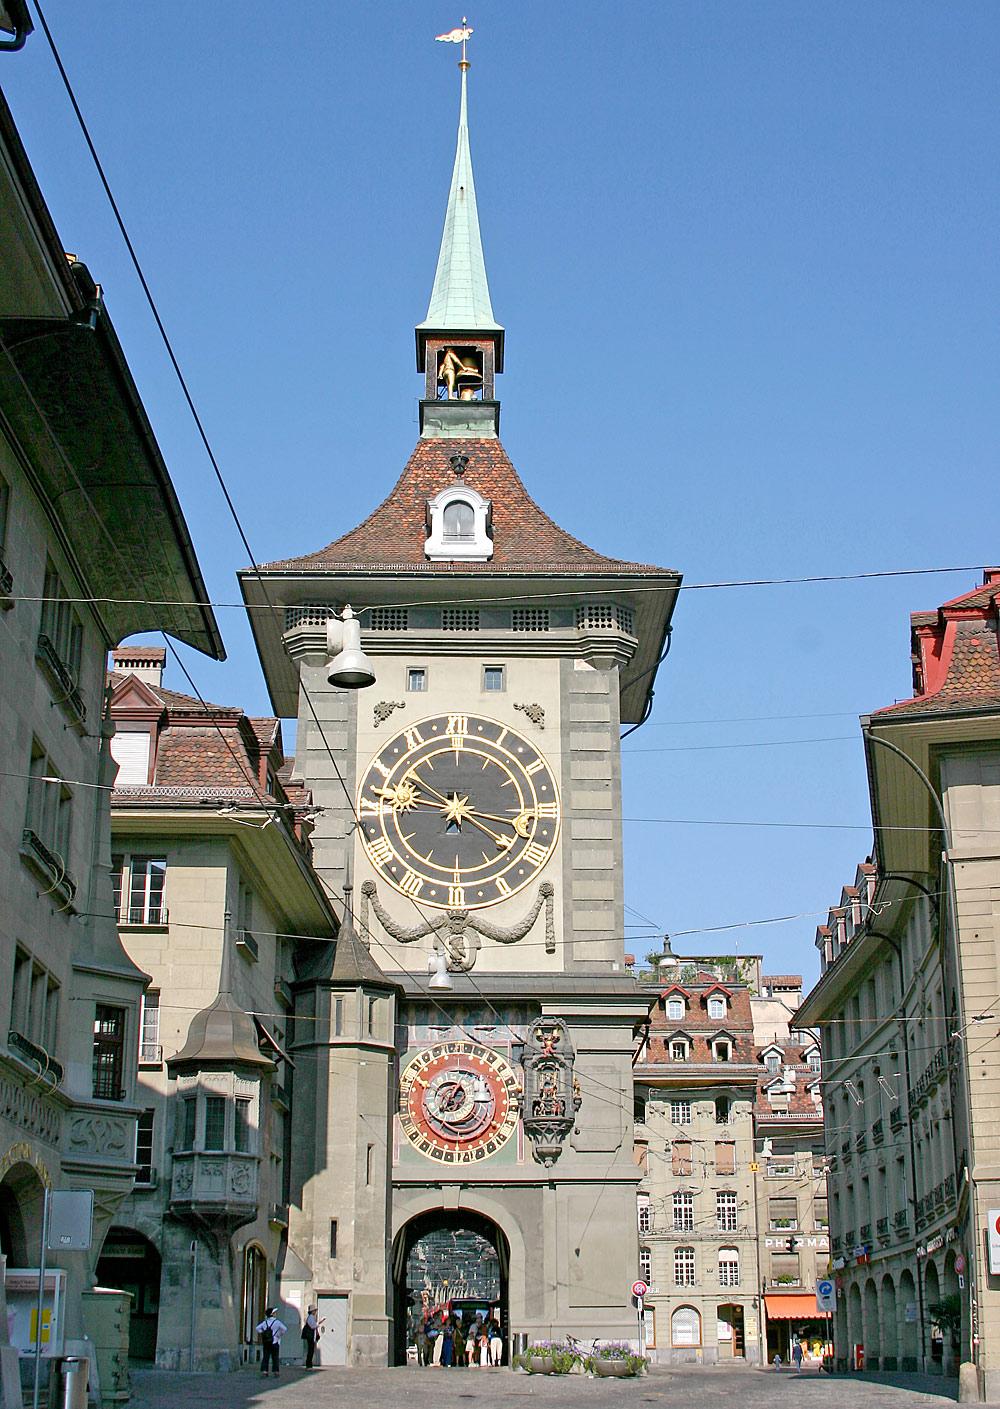 Blick auf den Uhrenturm Zytglogge in Bern